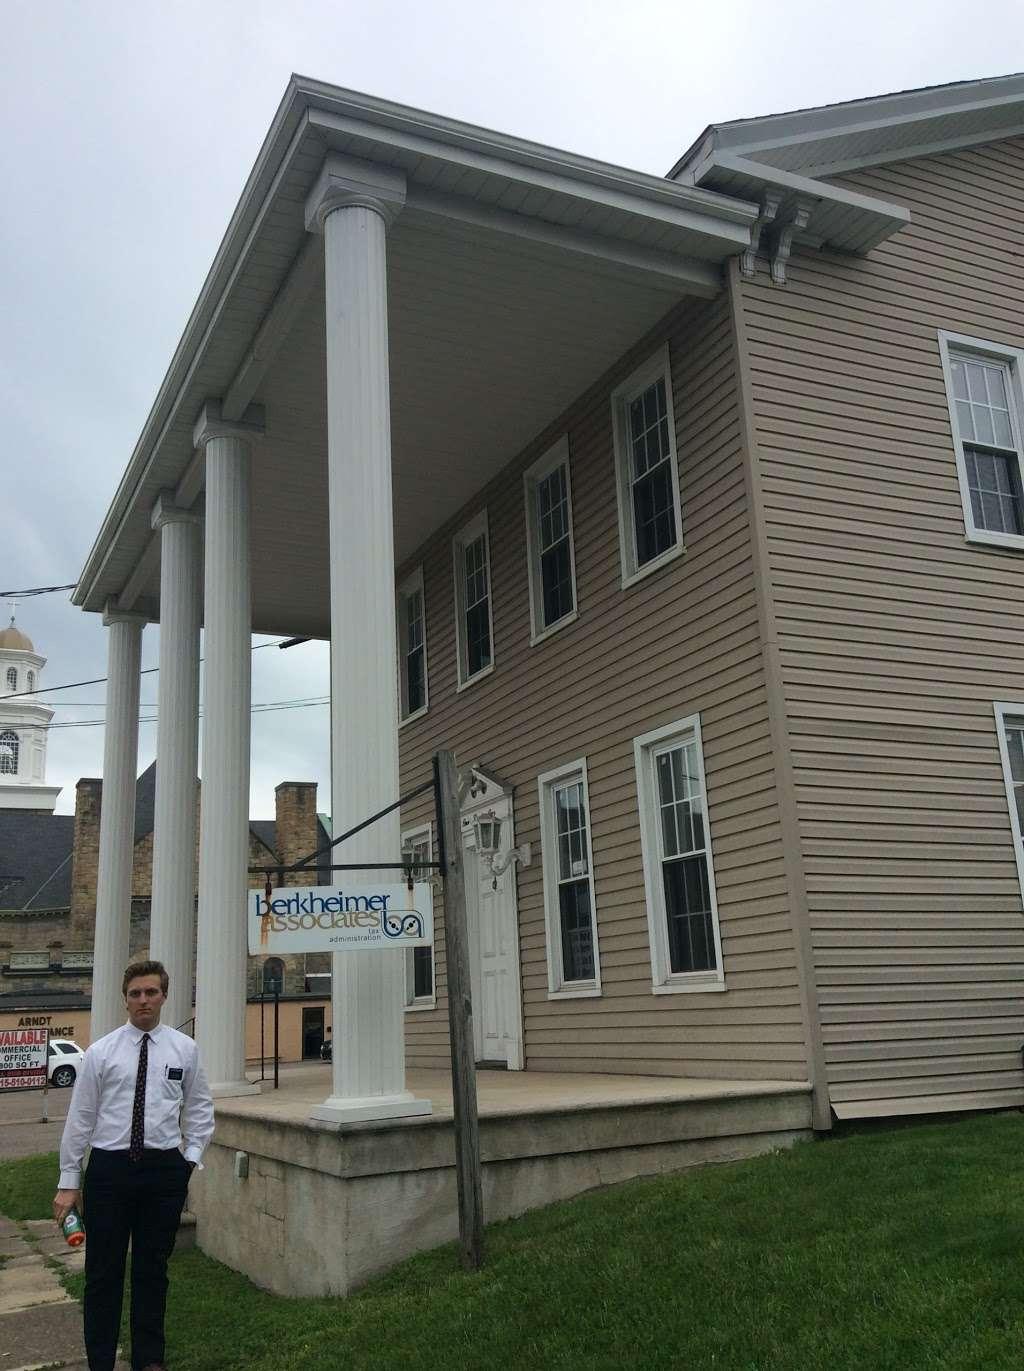 Berkheimer Associates - lawyer  | Photo 1 of 1 | Address: 121 E 2nd St, Berwick, PA 18603, USA | Phone: (610) 559-3137